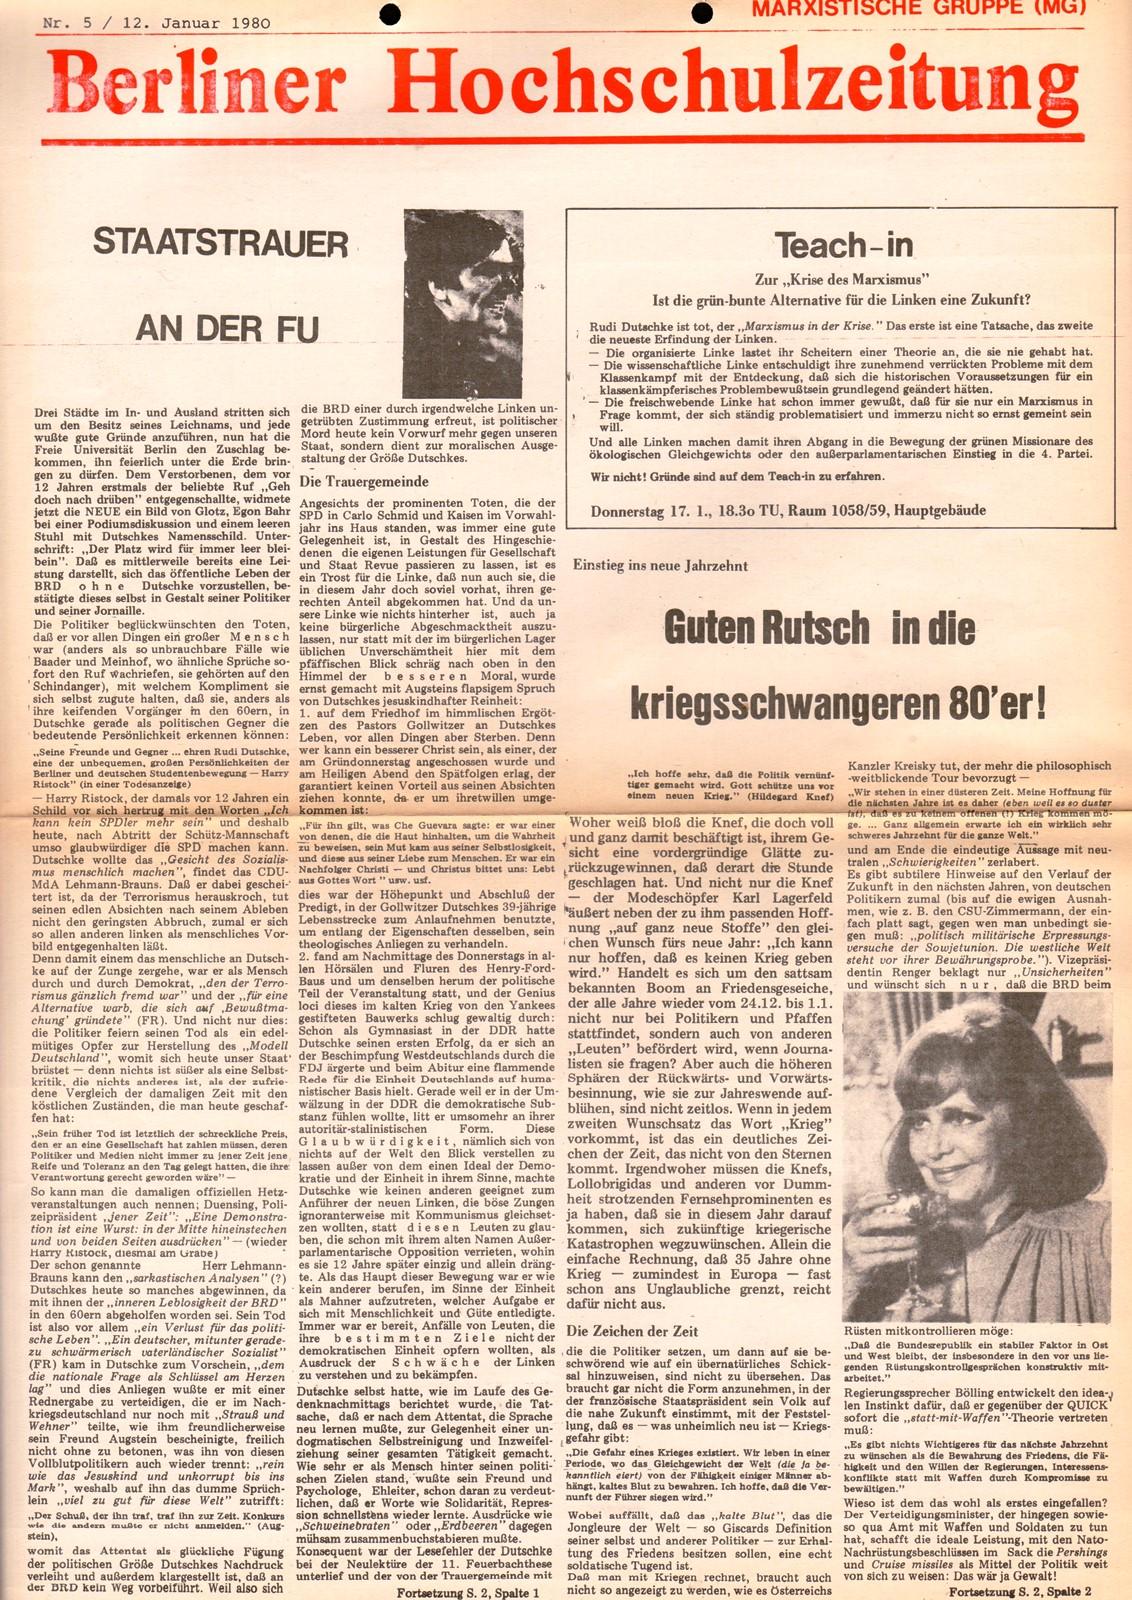 Berlin_MG_Hochschulzeitung_19800112_01